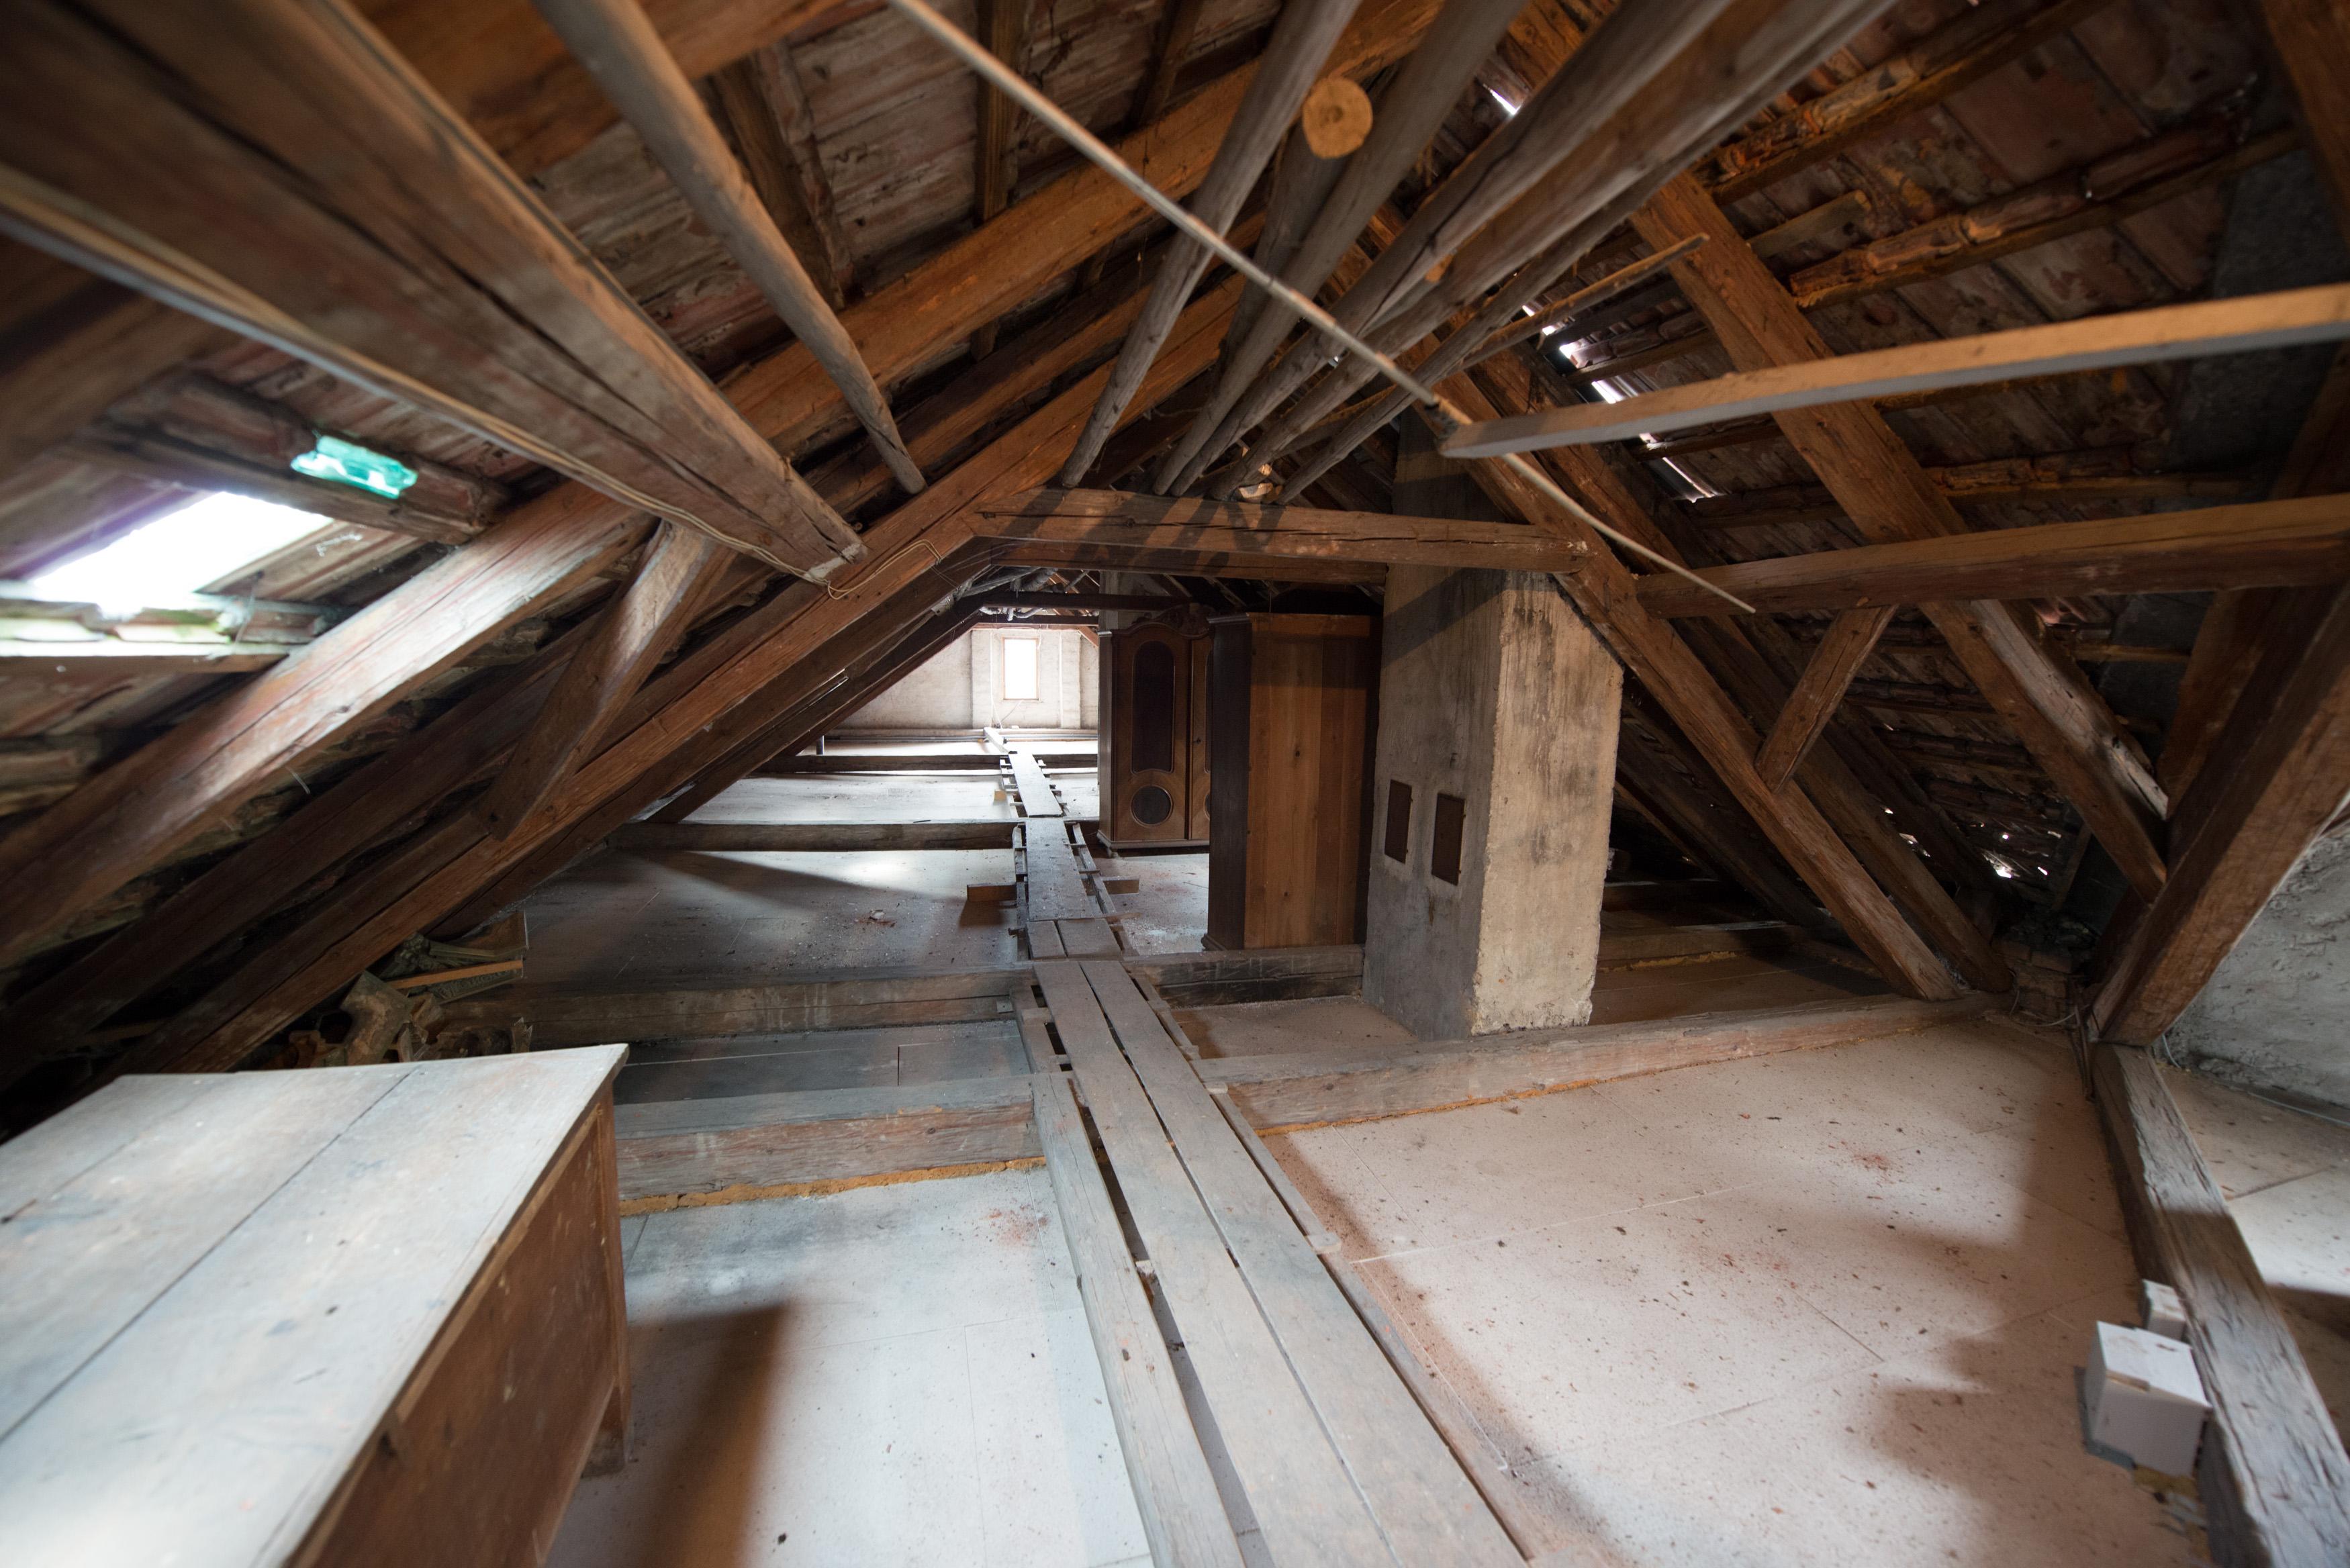 Dachboden © Martin Skopal